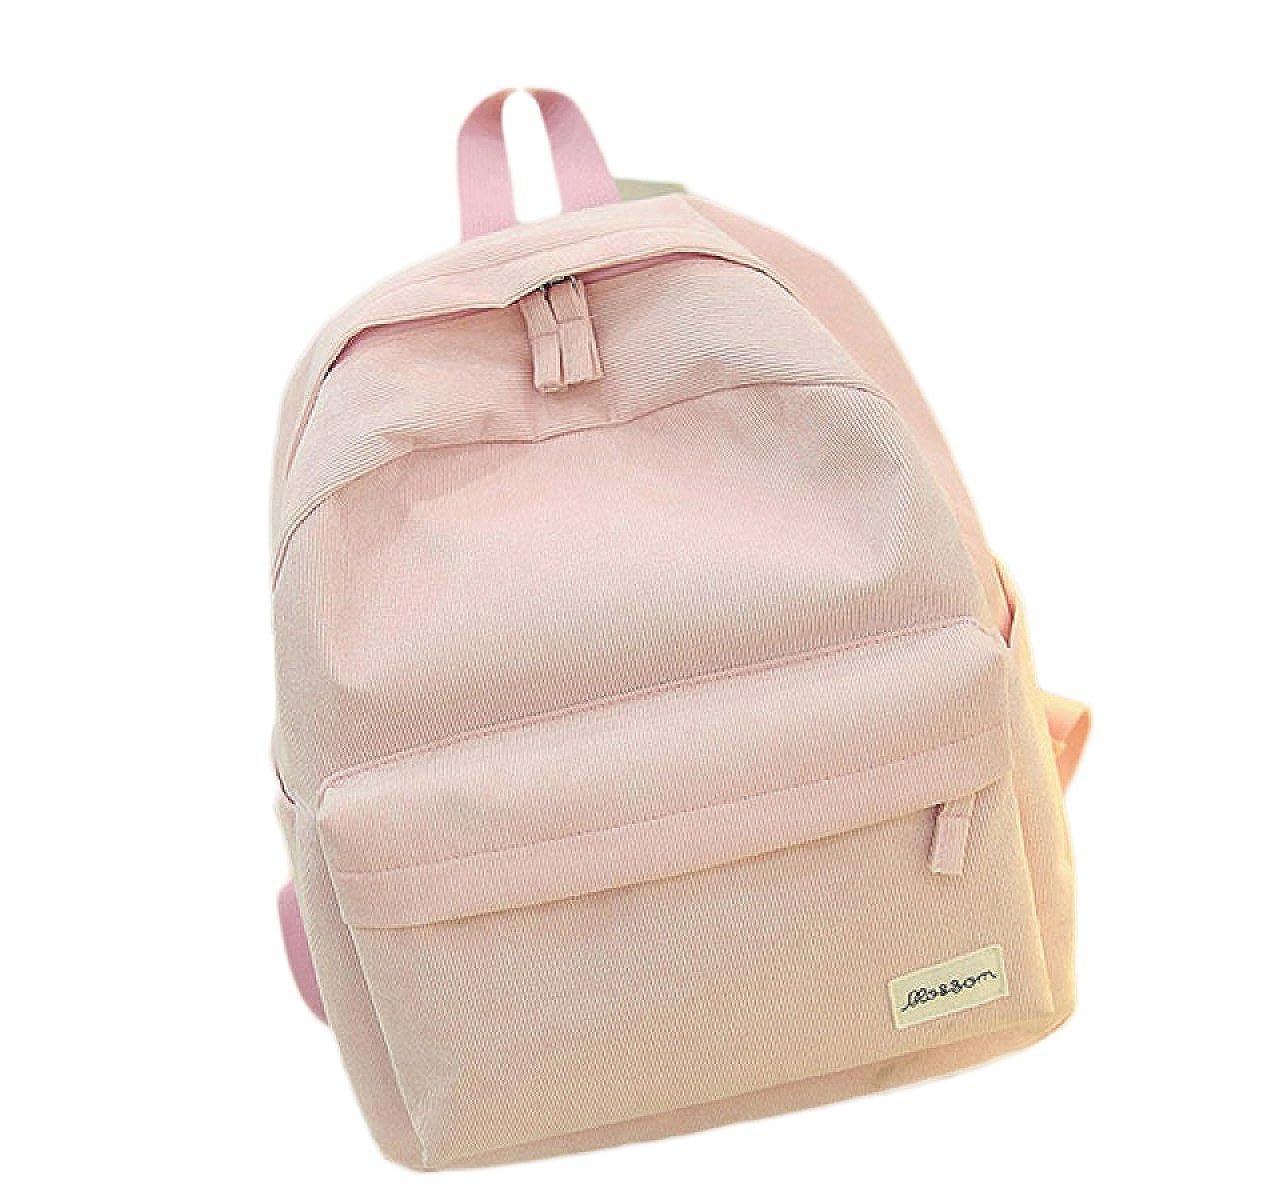 Pink One Size Ladies Backpacks Bags Handbags Canvas Backpack Tide Bag Wild High School School Bag Female Velvet Handbags